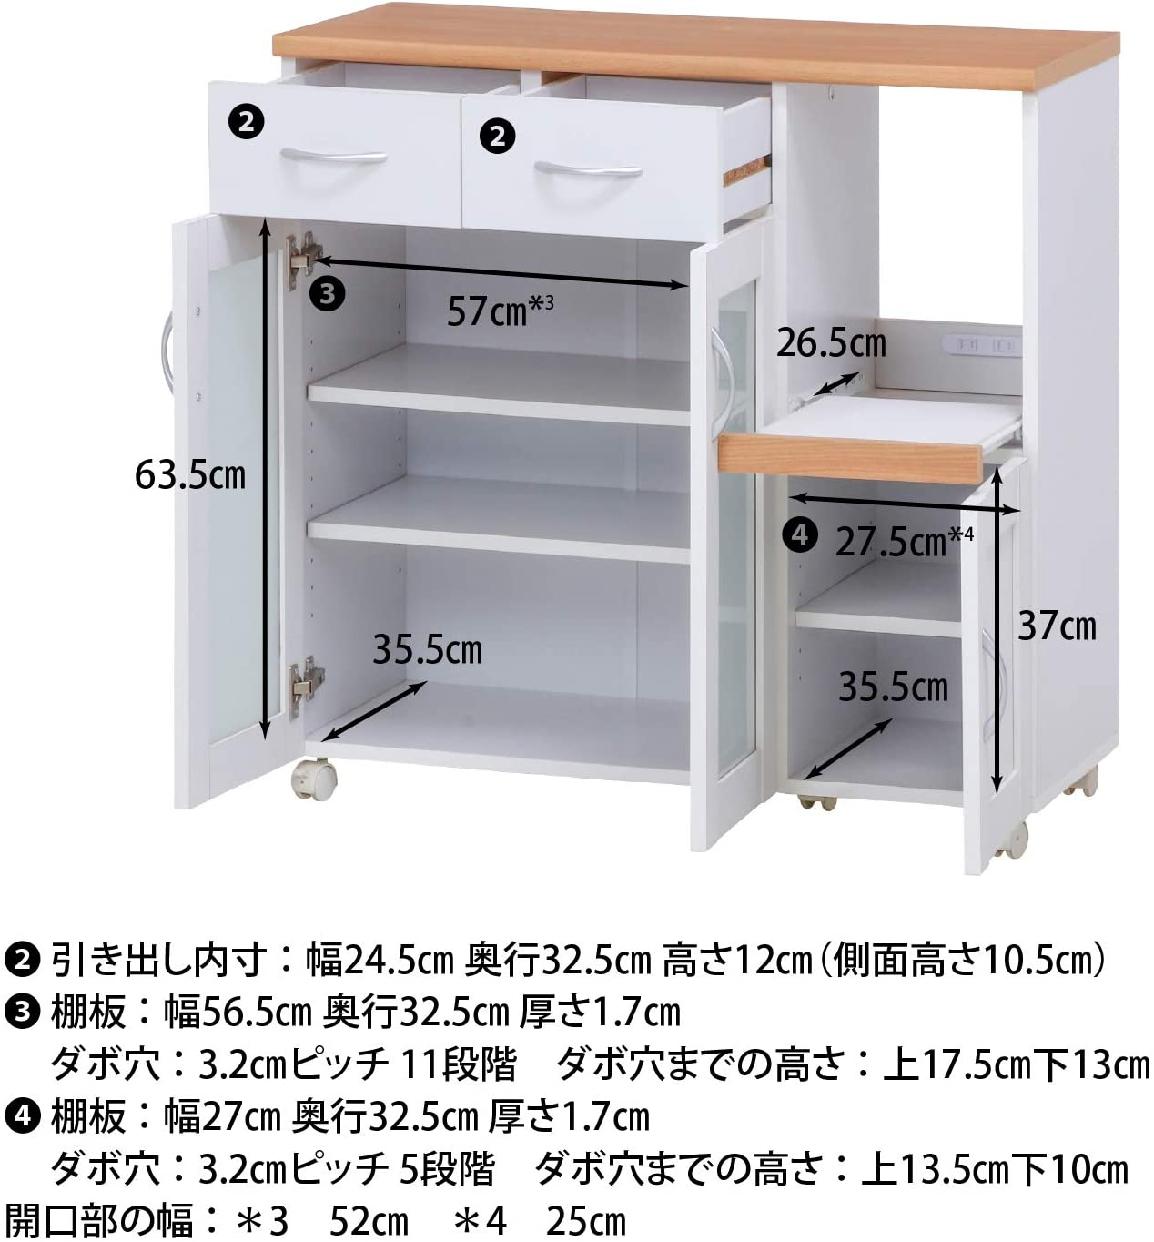 Sage(サージュ)キッチンカウンター 96819 幅90cmの商品画像10